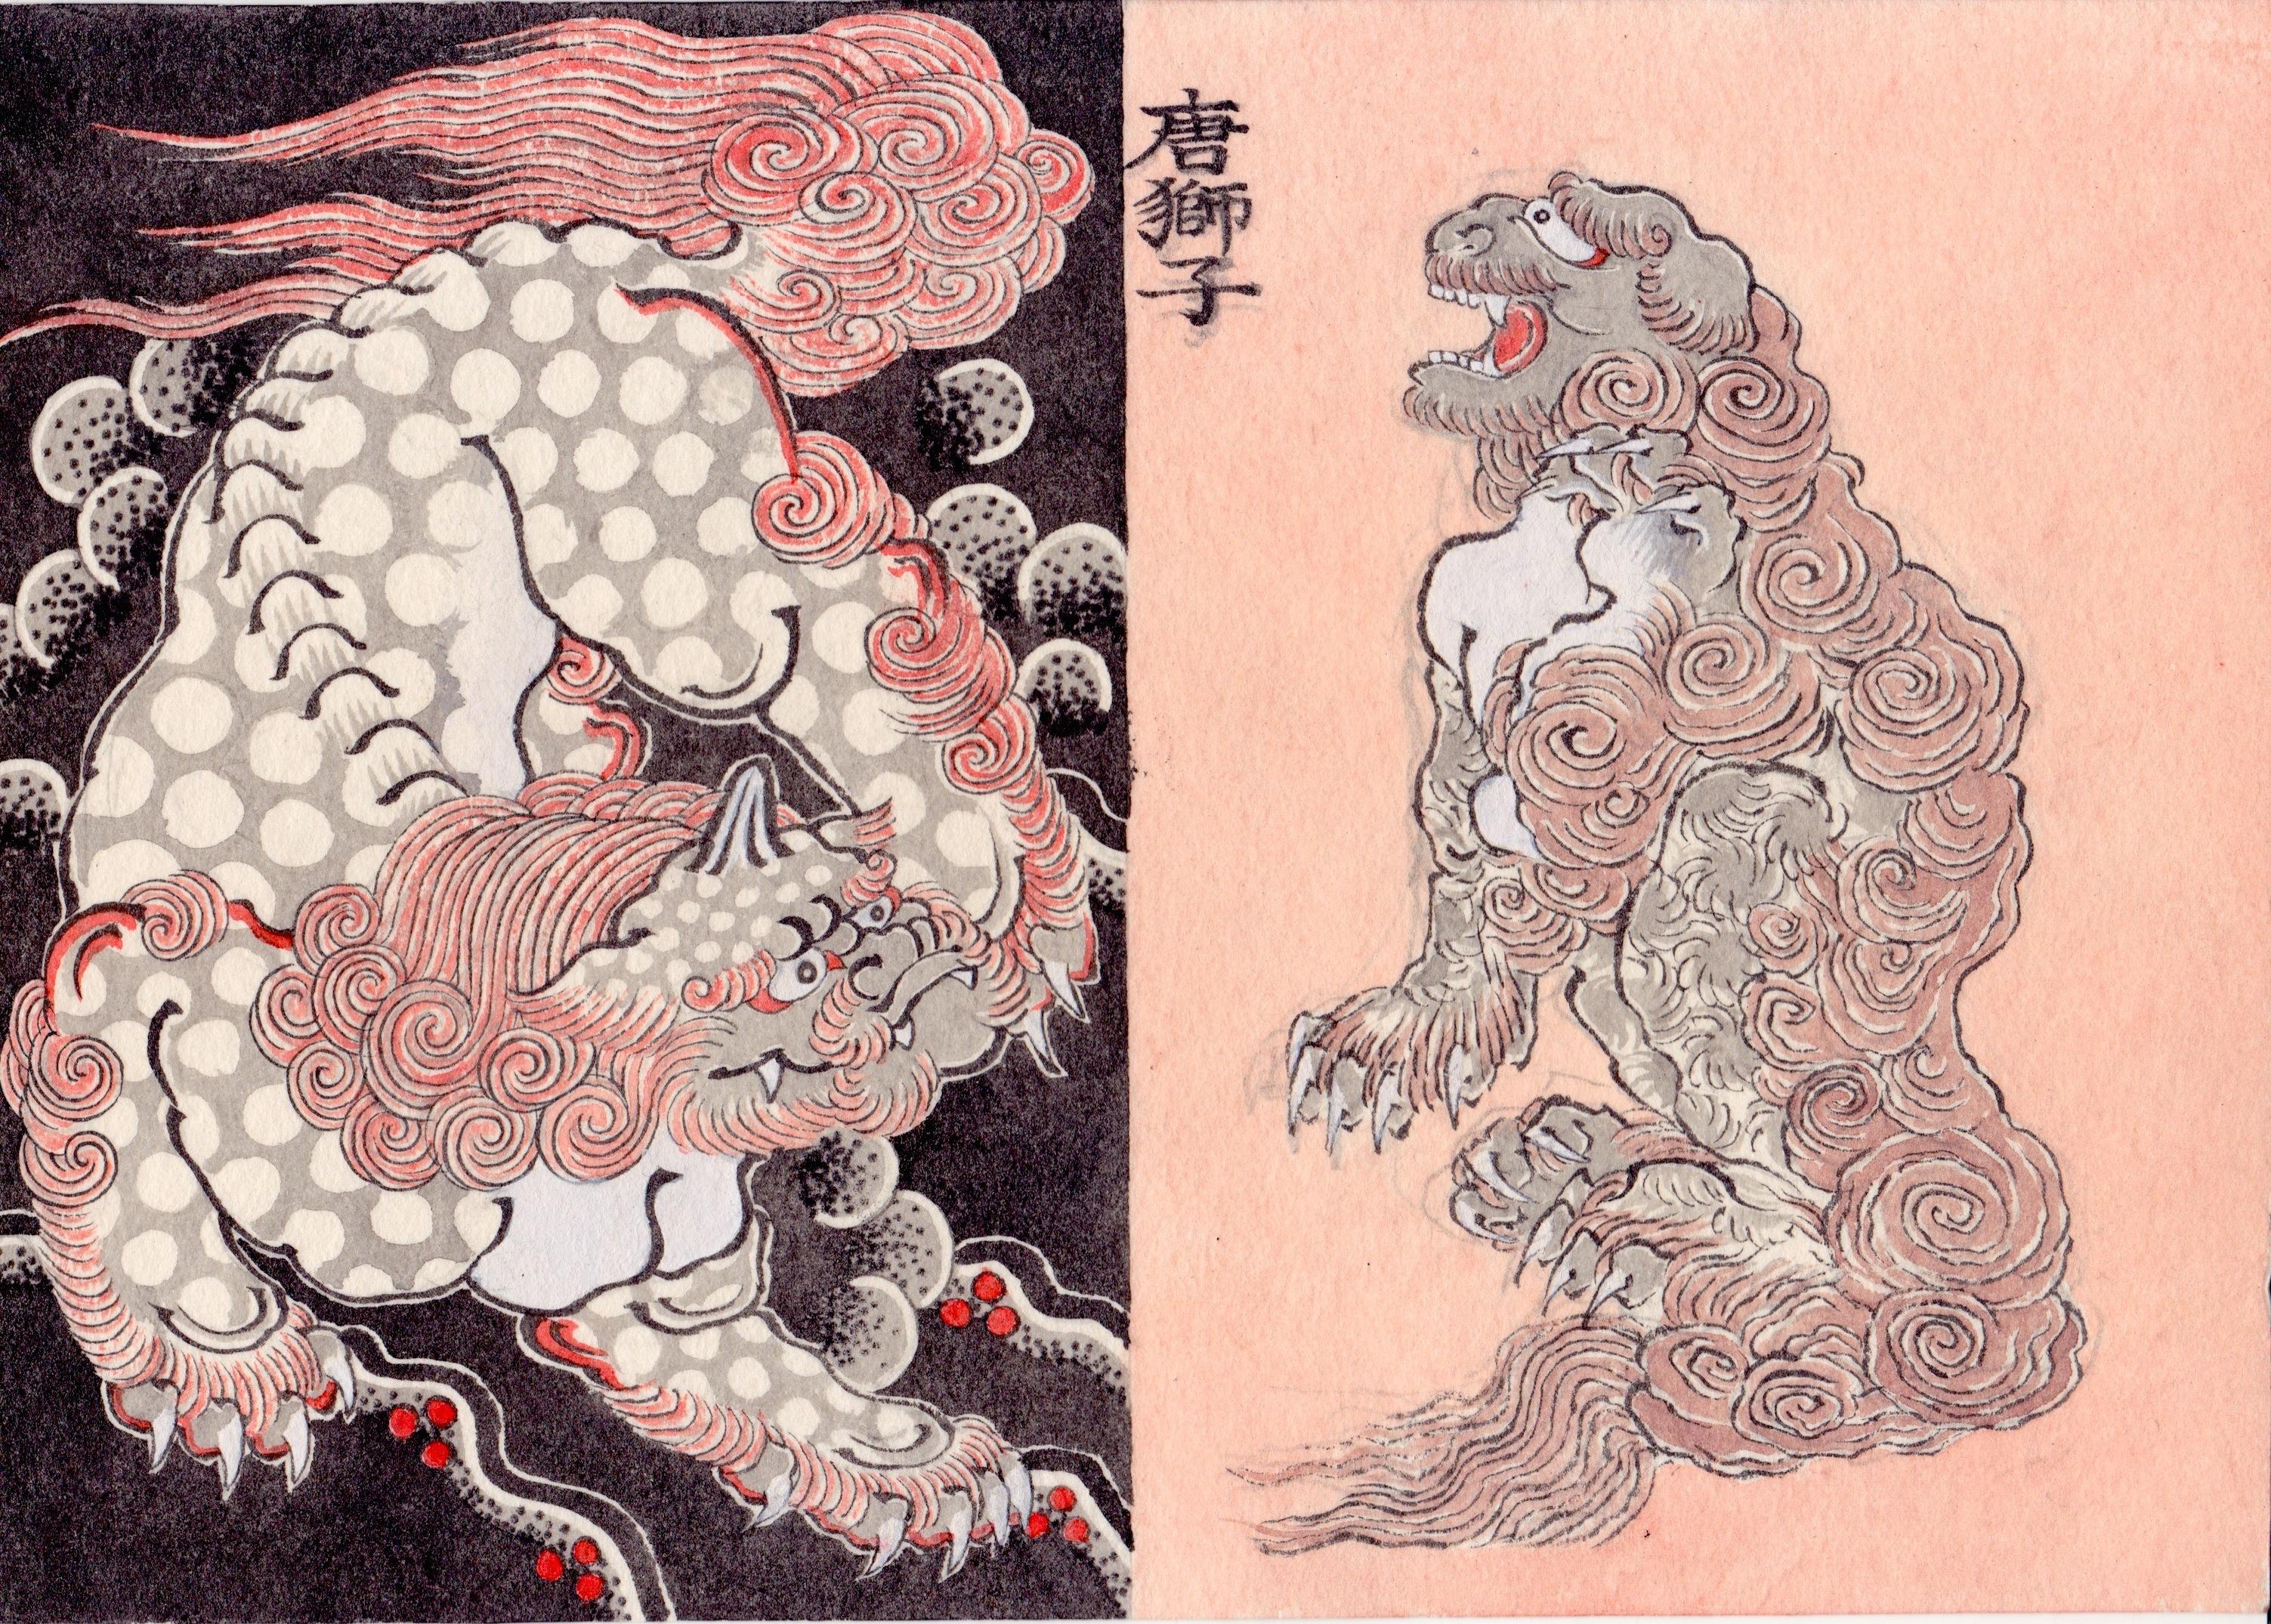 唐獅子 Fu-dog